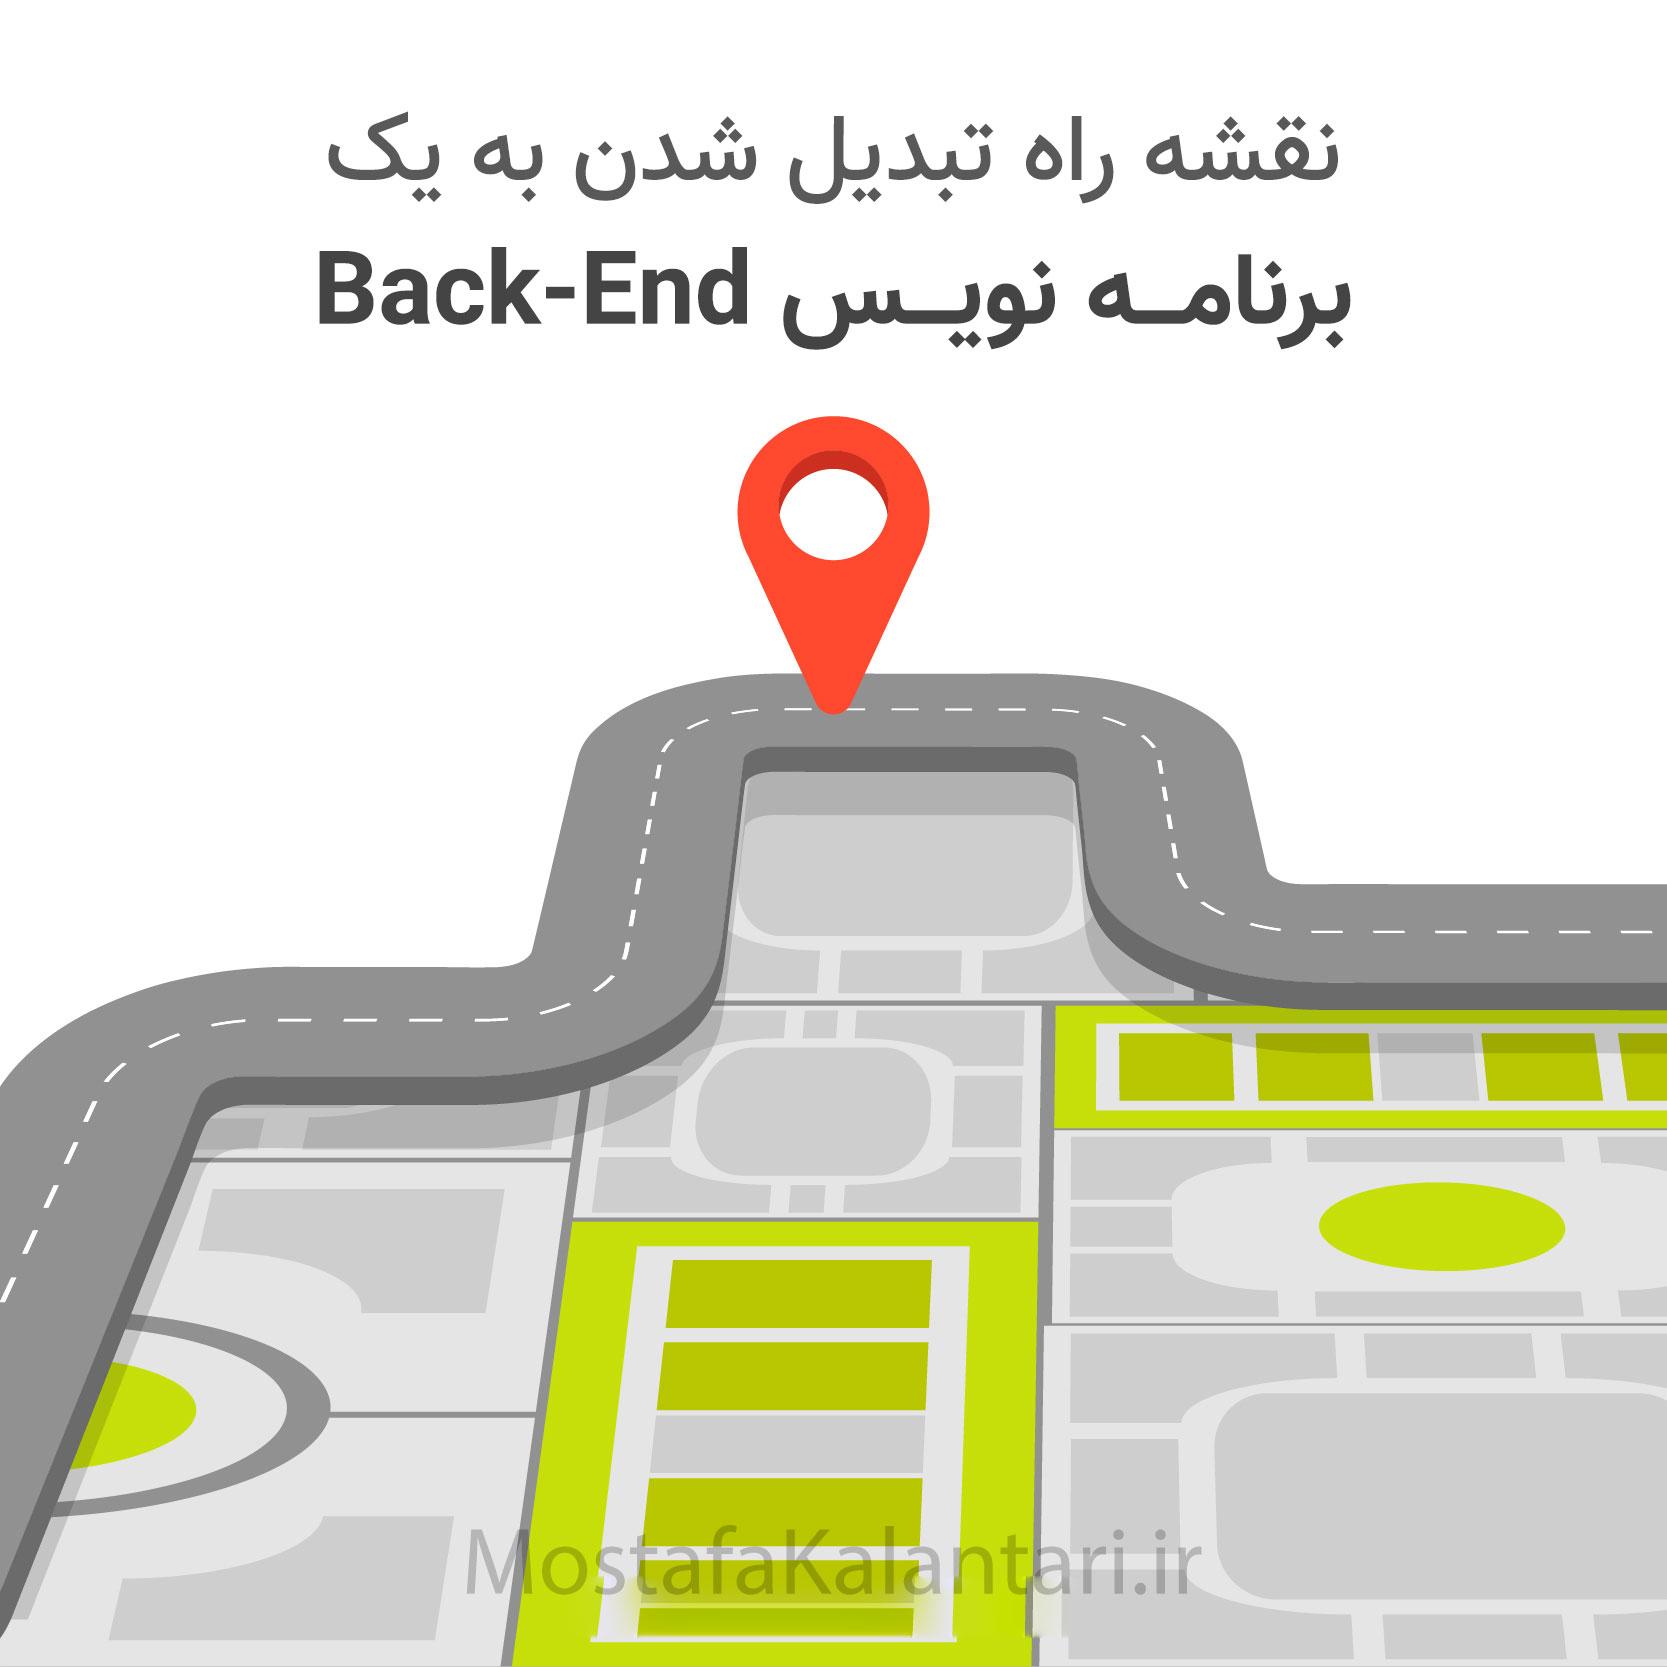 نقشه راه تبدیل شدن به یک برنامه نویس Back-end